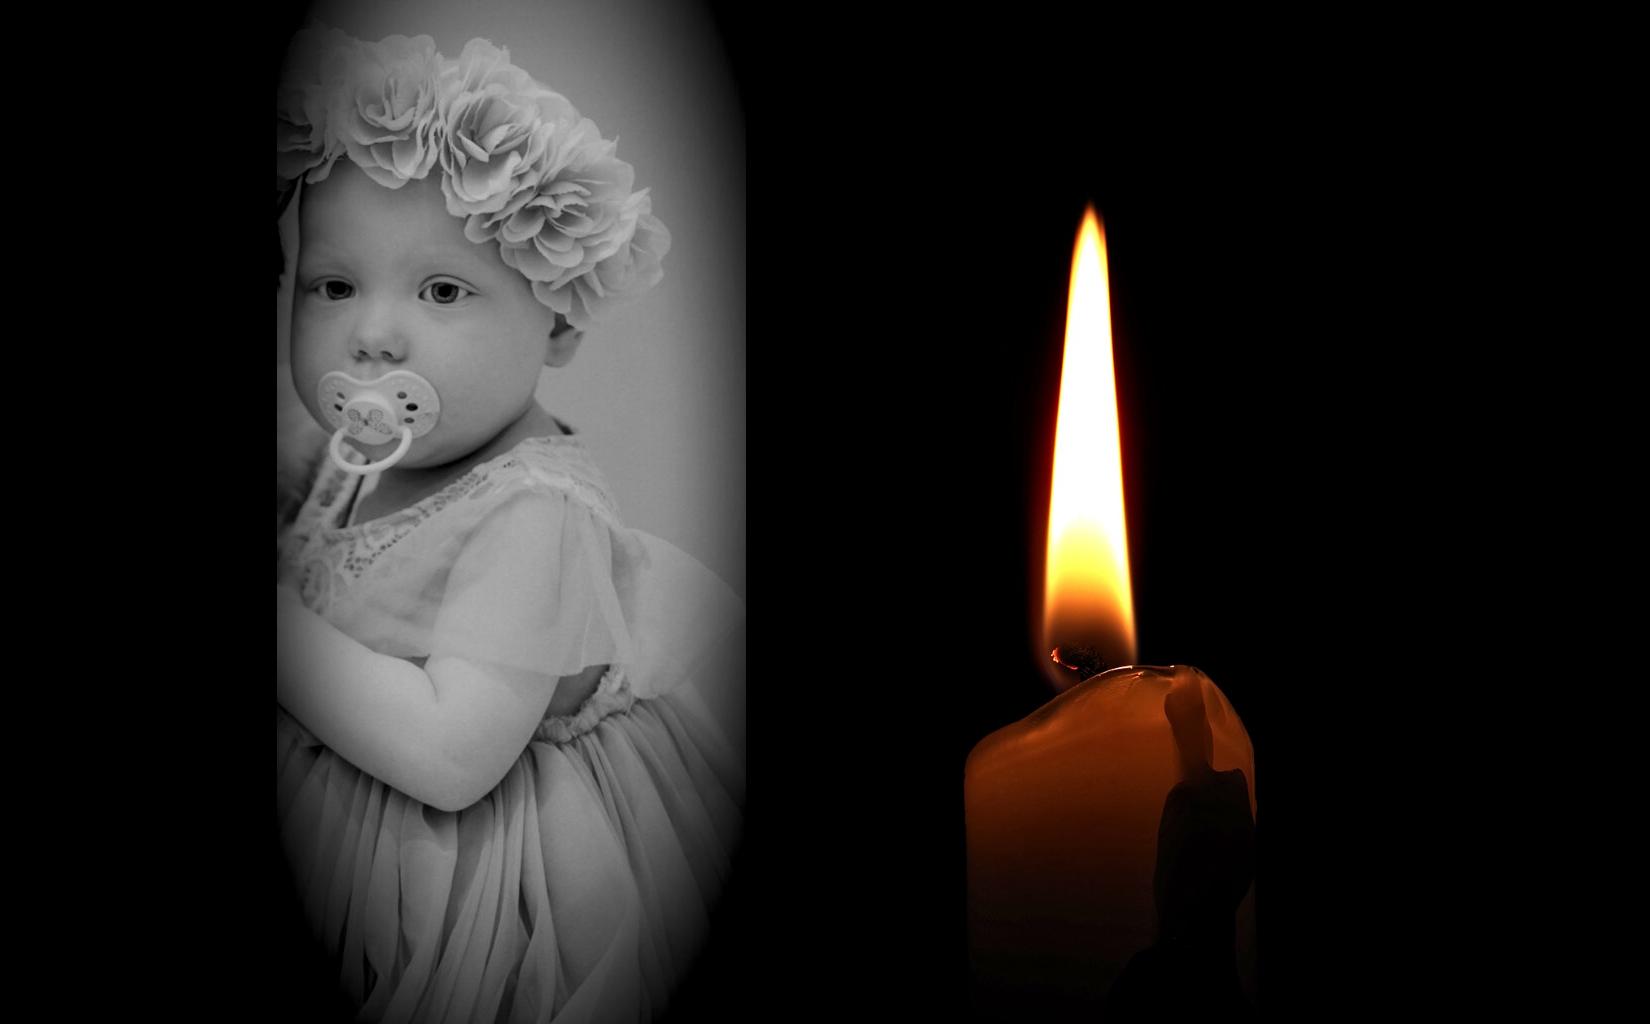 2-letnia Iza Kmiotek zmarła pomimo zebrania pieniędzy na jej leczenie - Zdjęcie główne